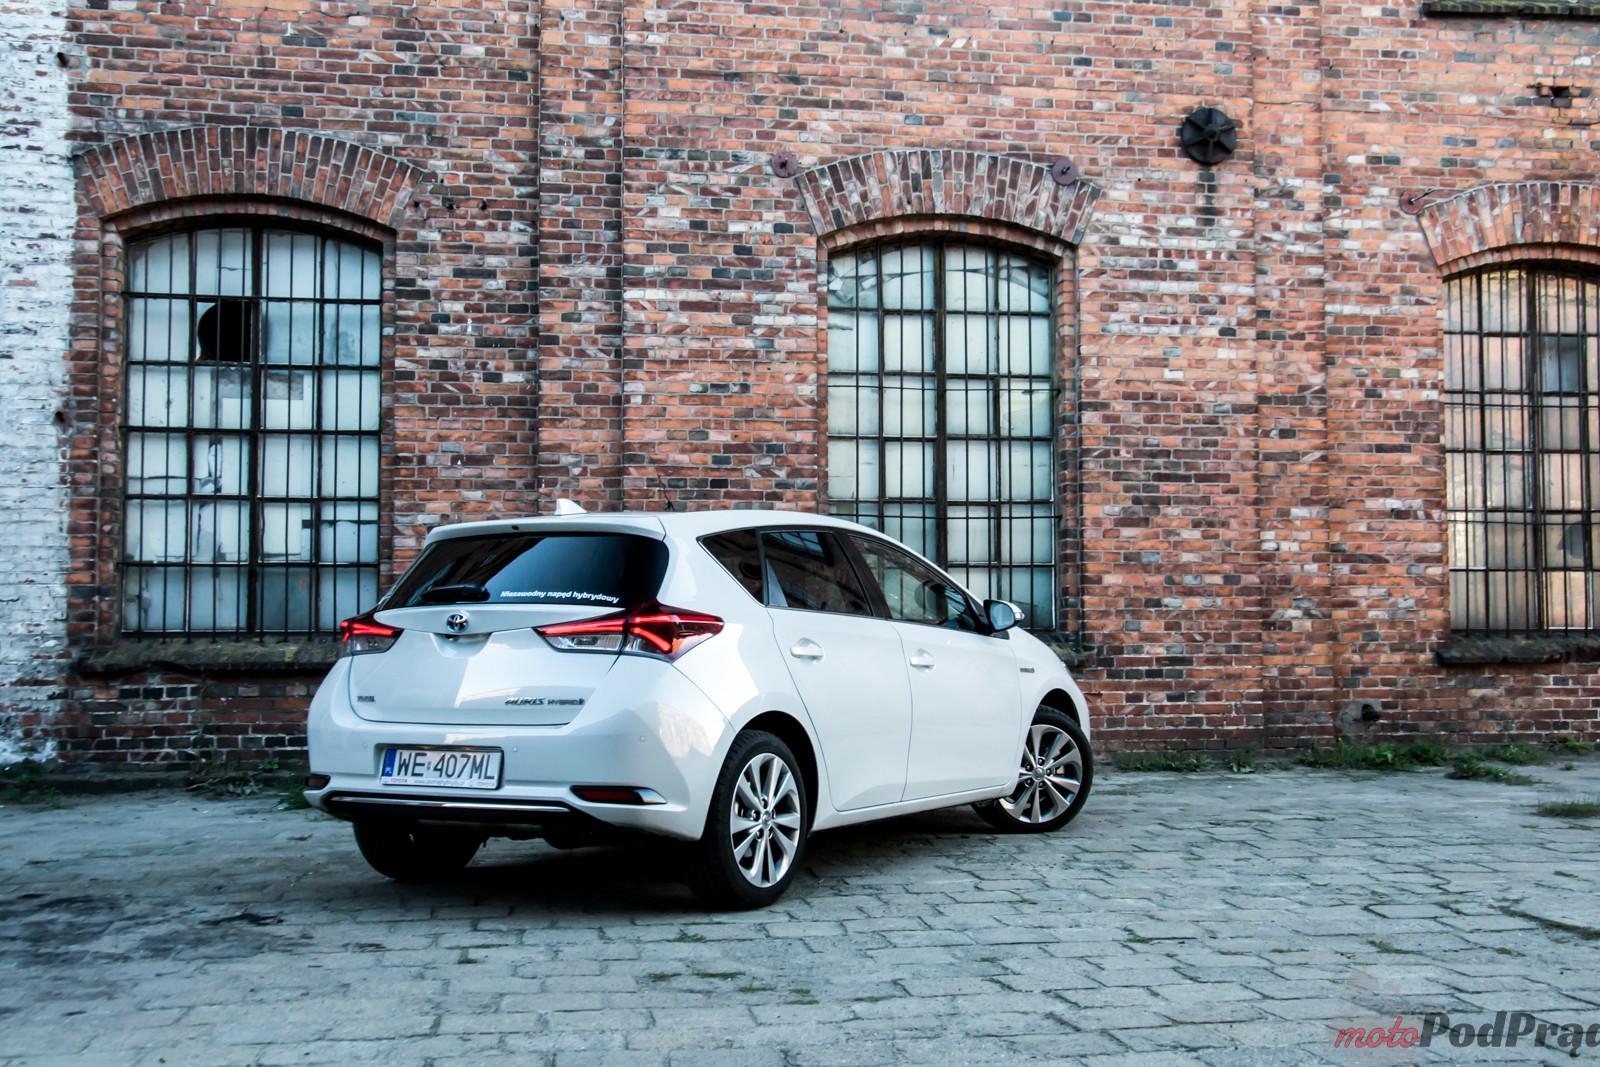 Test Toyota Auris Hybrid – popija benzynę przez słomkę 18 Test: Toyota Auris Hybrid – popija benzynę przez słomkę